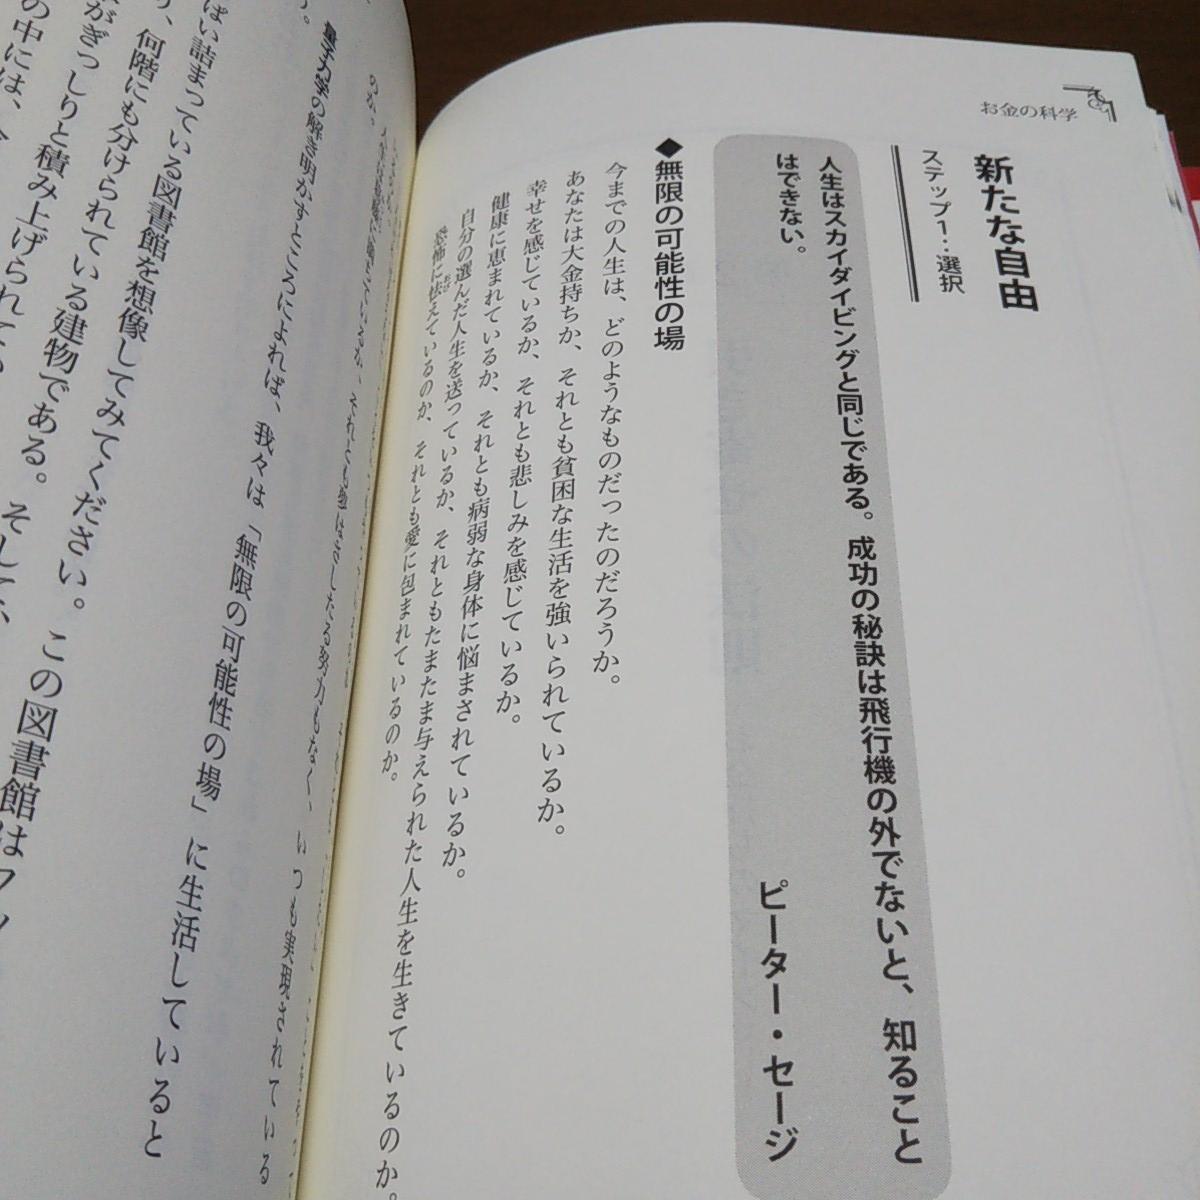 【即決】お金の科学 ジェームス・スキナー CD-ROM付 フォレスト出版 単行本_画像8